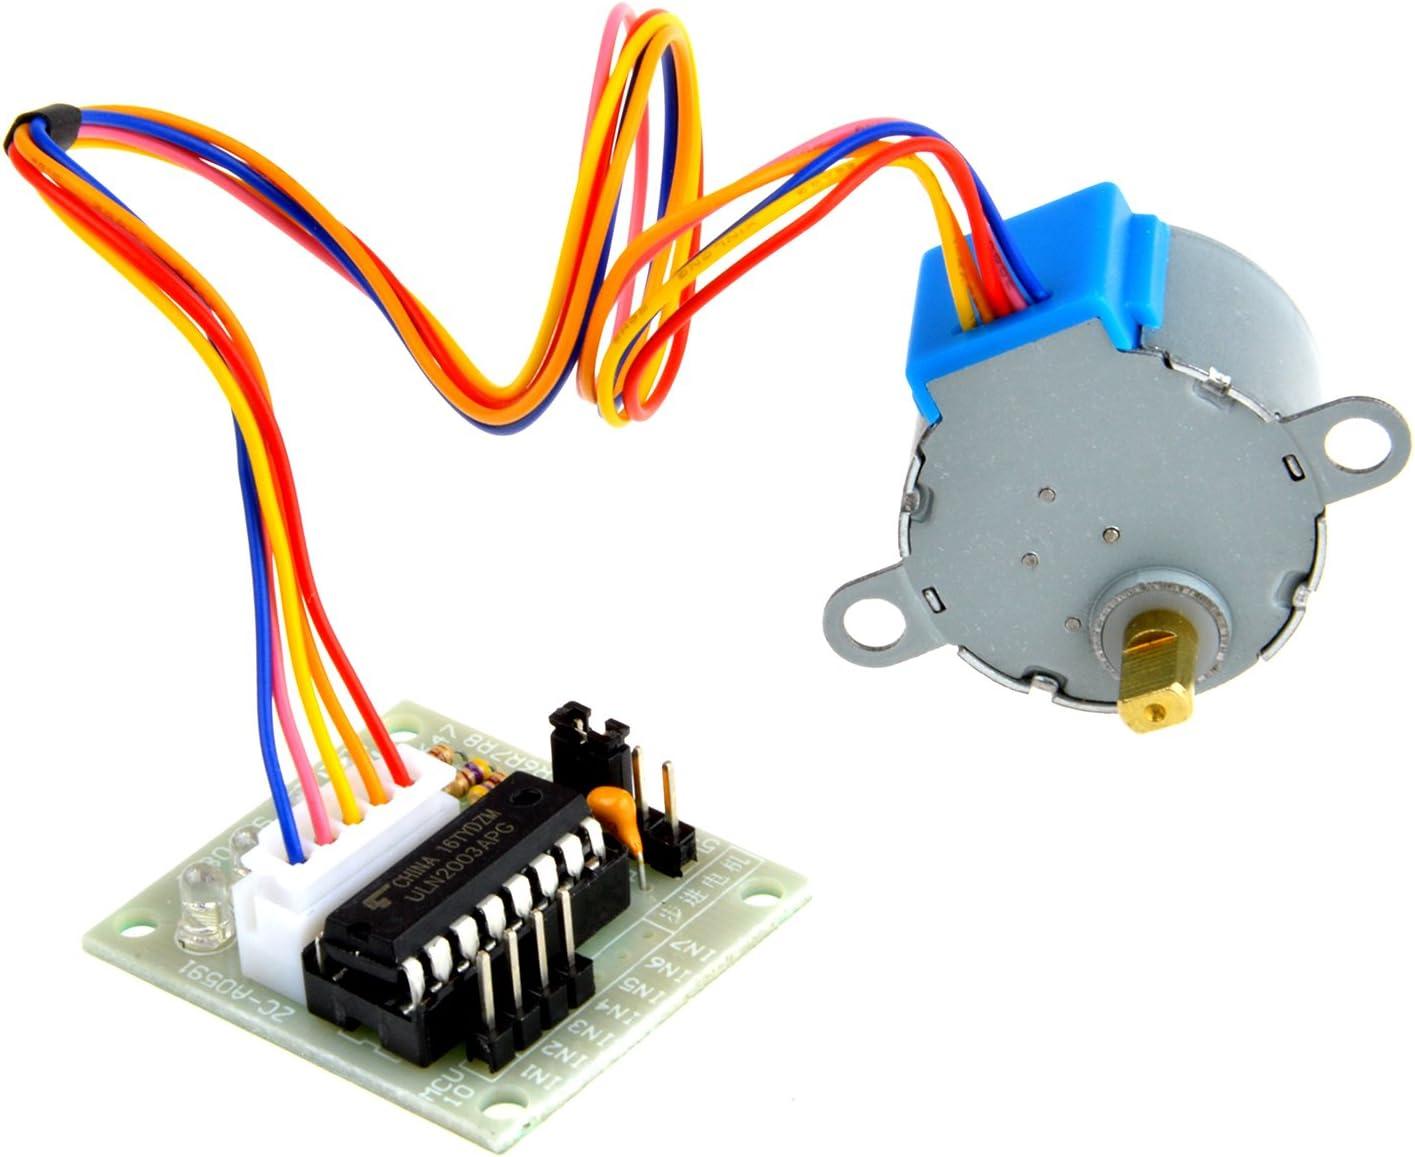 Neuftech - Motor Paso a Paso de 5 V CC Arduino 28BYJ-48 28BYJ48 5 Cables 4 Fases con Tarjeta de contrapeso ULN2003